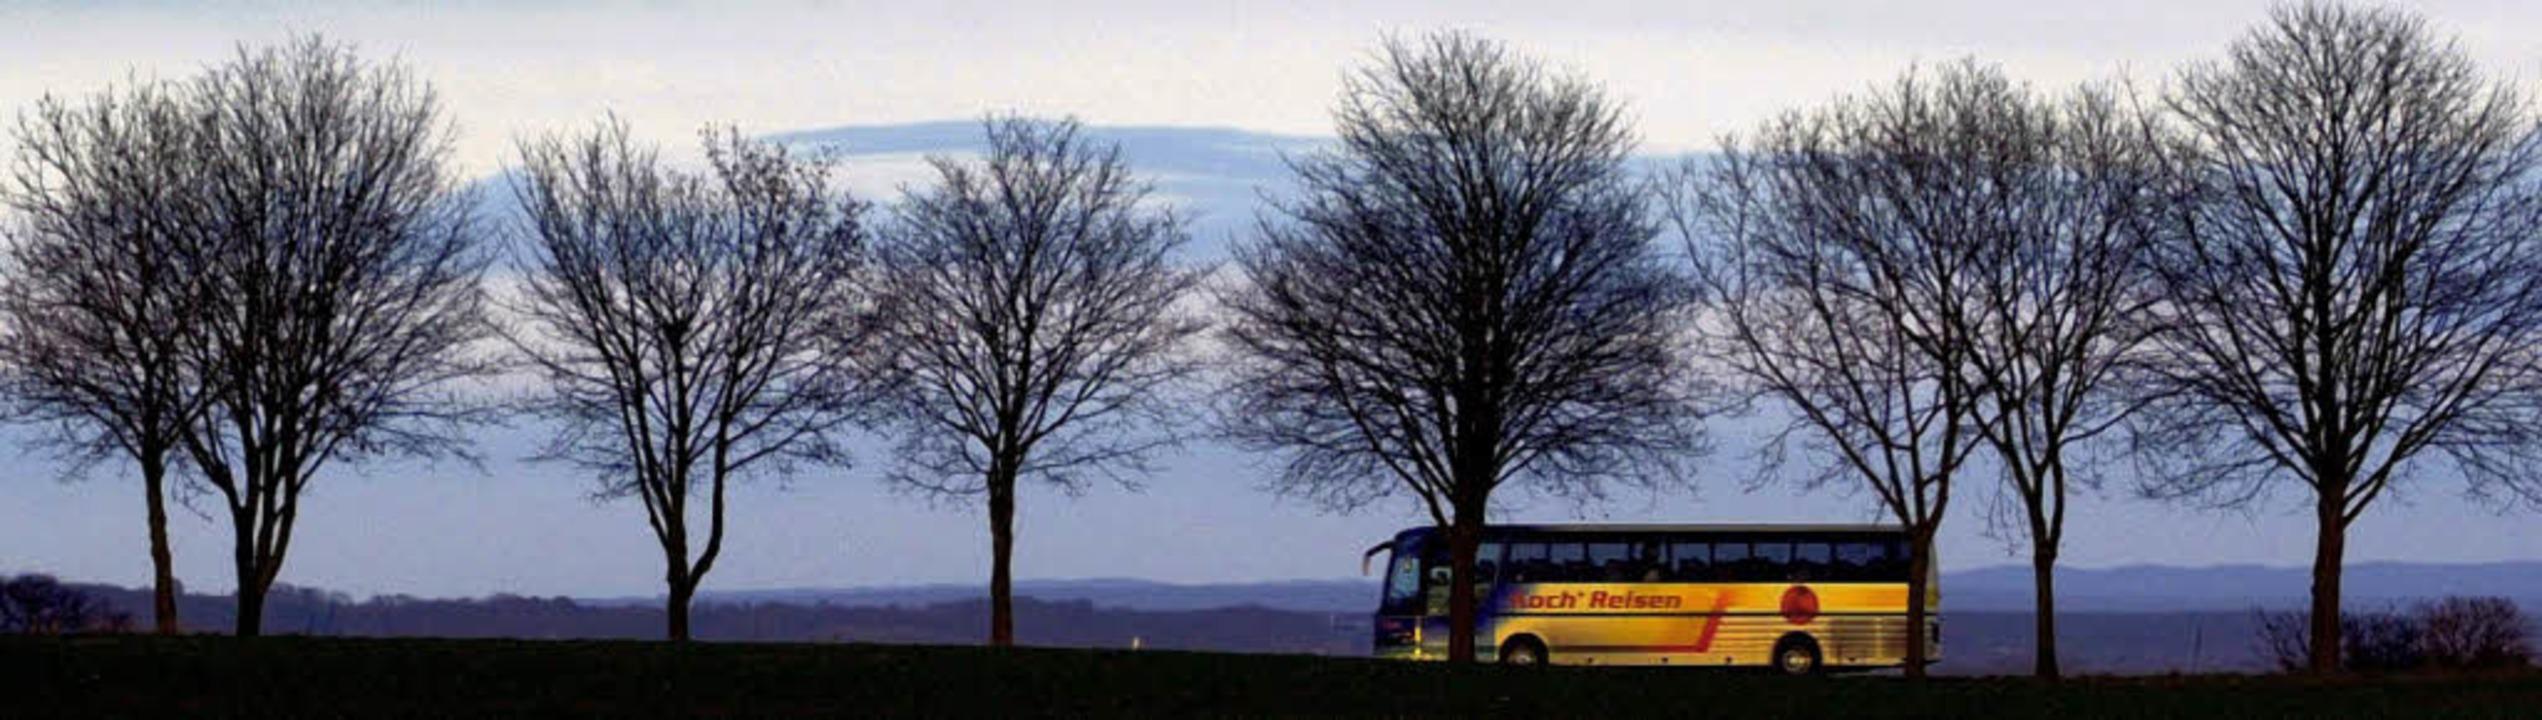 Fernbuslinien wollen eine schnellere und günstigere Alternative zu Bahn sein.   | Foto: DPA/Promo